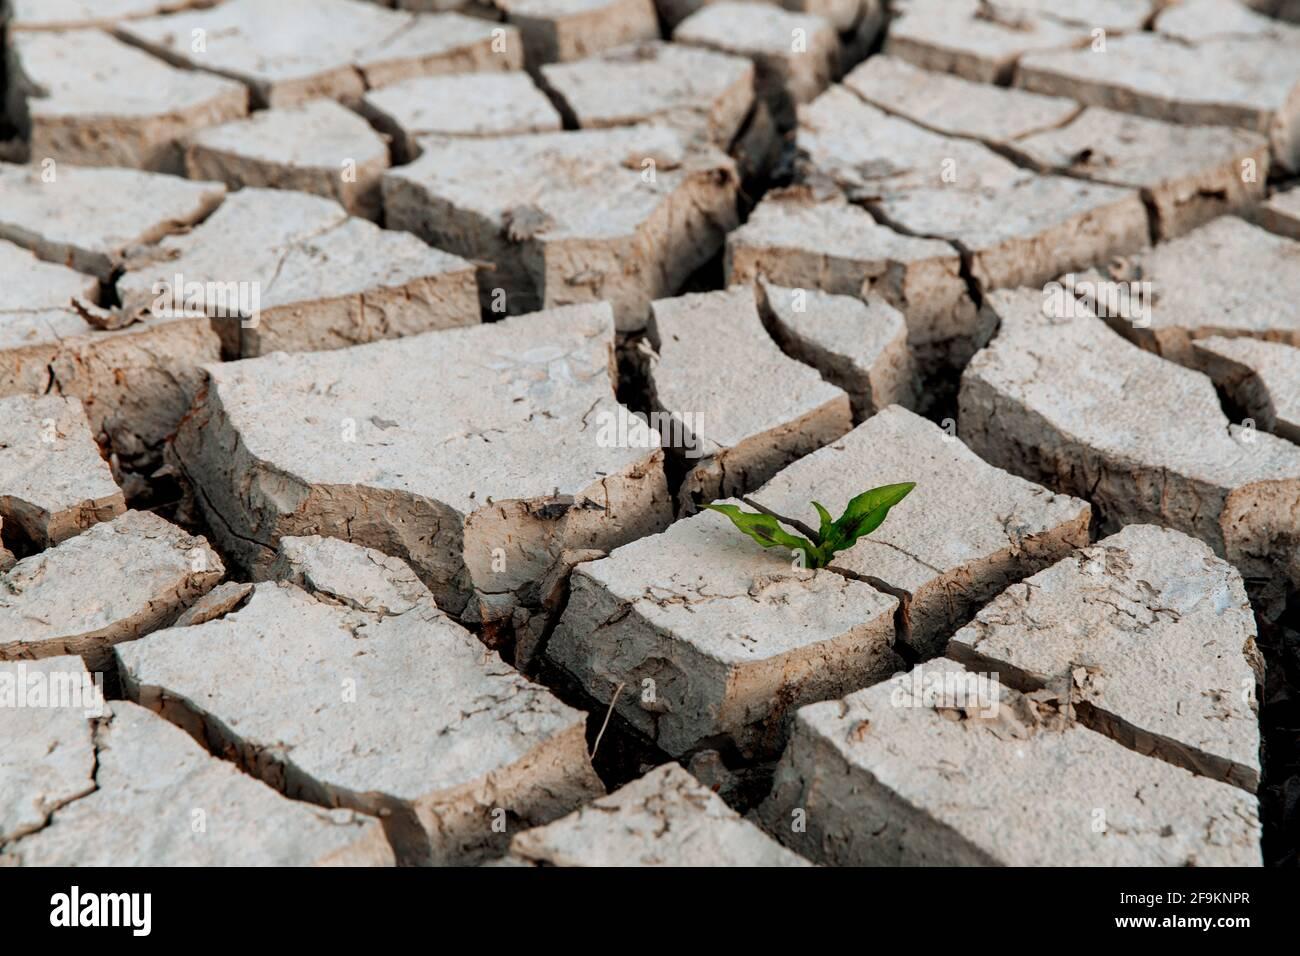 Un brota verde de la tierra seca y agrietada, la falta de lluvia, un desastre natural global, esperanza y concepto de sueños Foto de stock